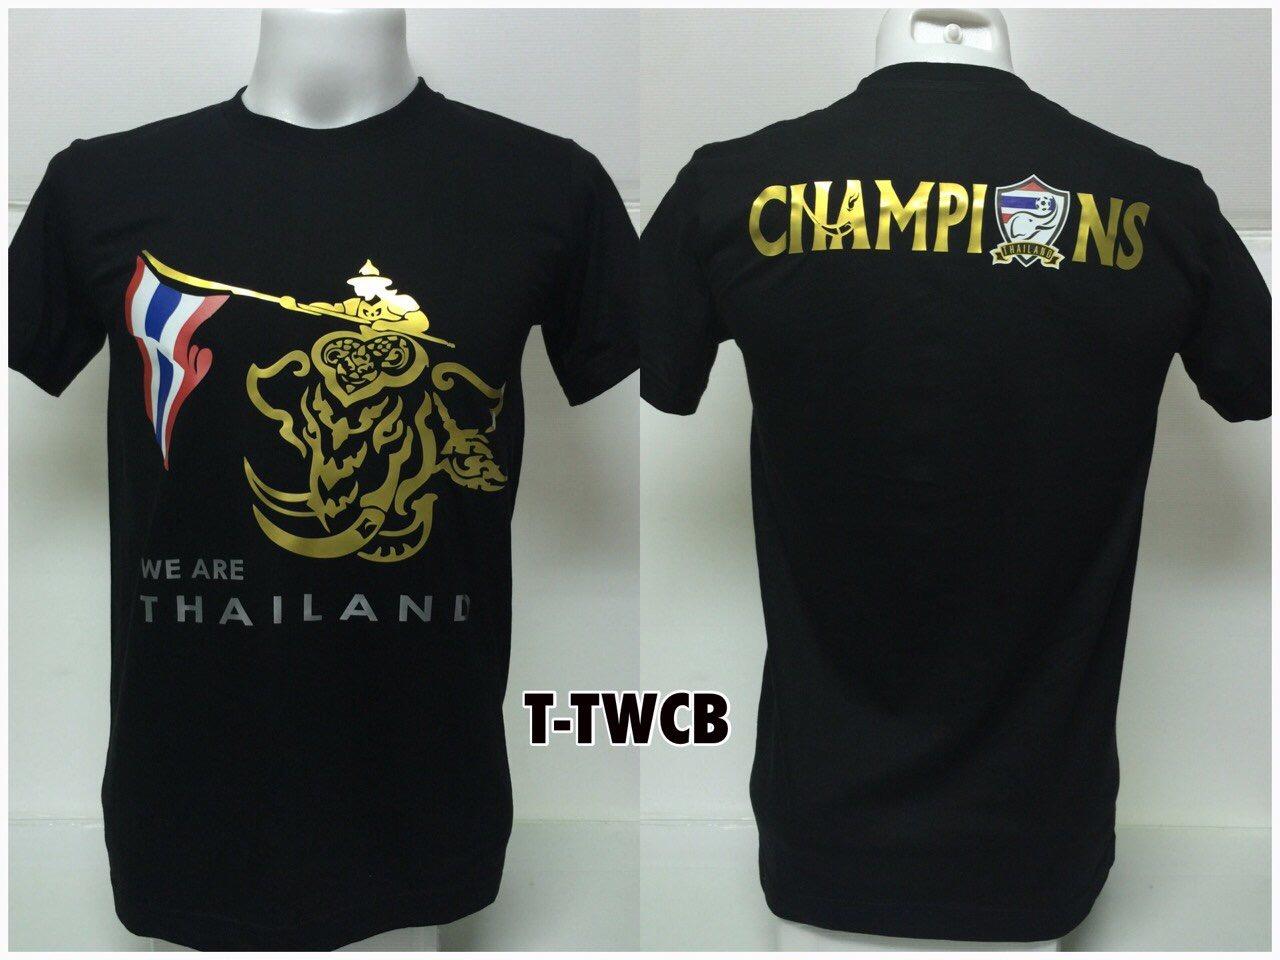 เสื้อยืด ทีมชาติไทย ลาย We Are Thailand สีดำ T-TWCB